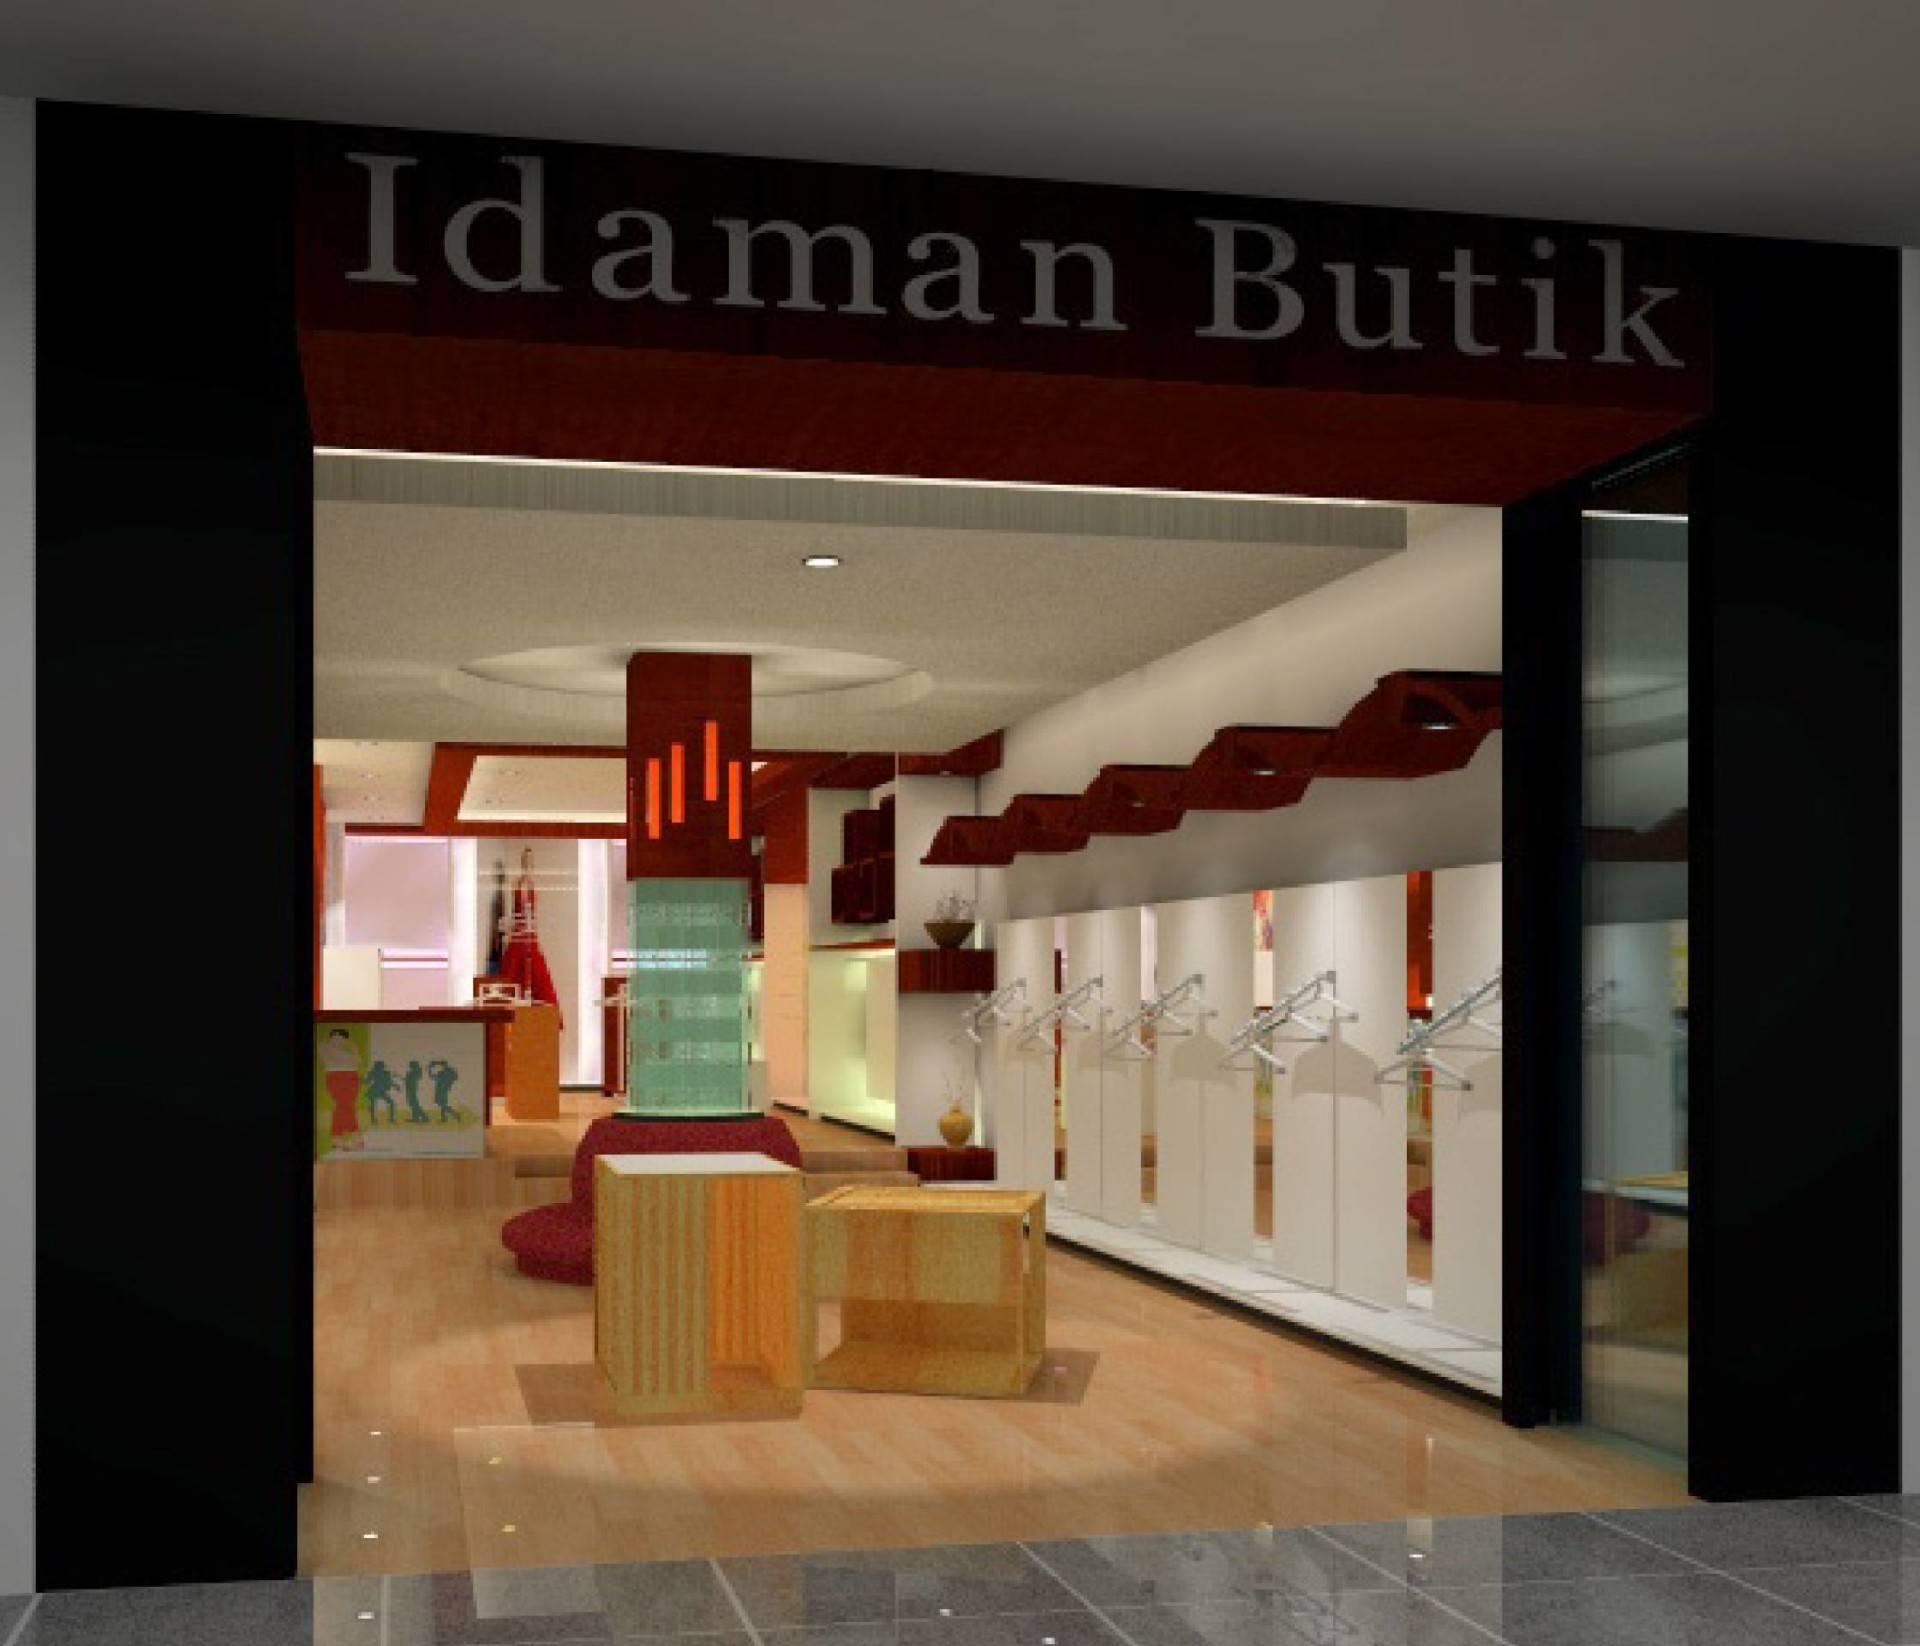 Chai Twin Co Idaman Butik At Serawak Kota Samarahan, Serawak, Malaysia Malaysia Main Entrance   2309